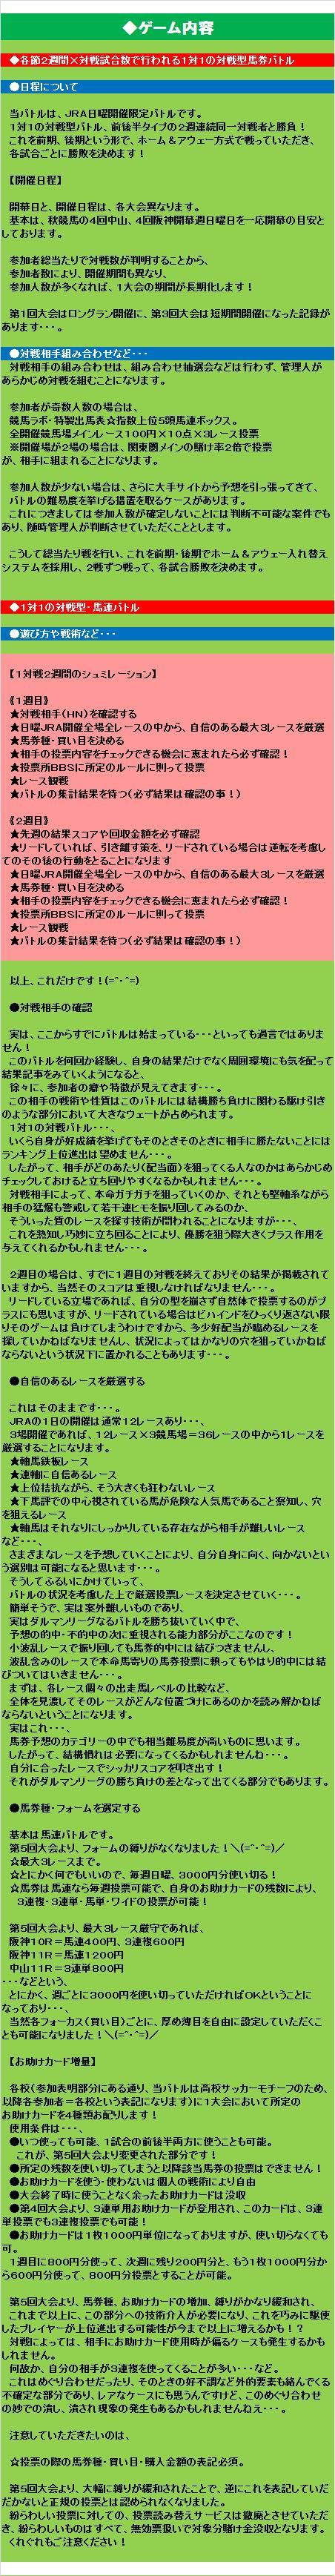 20130818・ダルマンリーグルール④.jpg